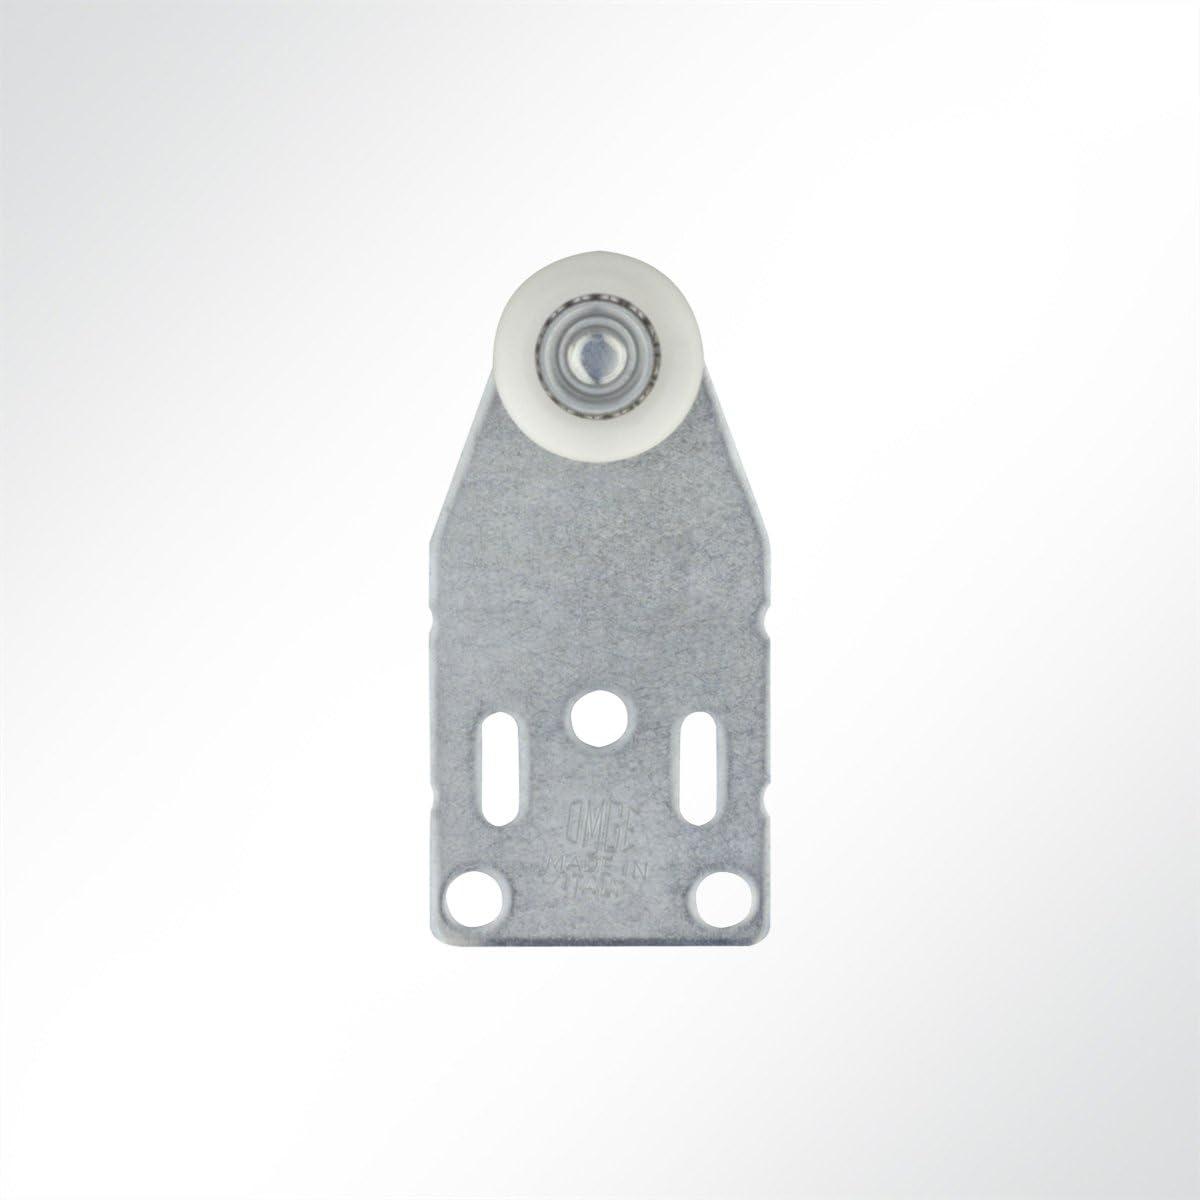 1 St/ück LYSEL Laufrolle F/ührungsrollen Laufwagen Rollenlaufwerk Nylonrolle Laufschiene 35 Kg